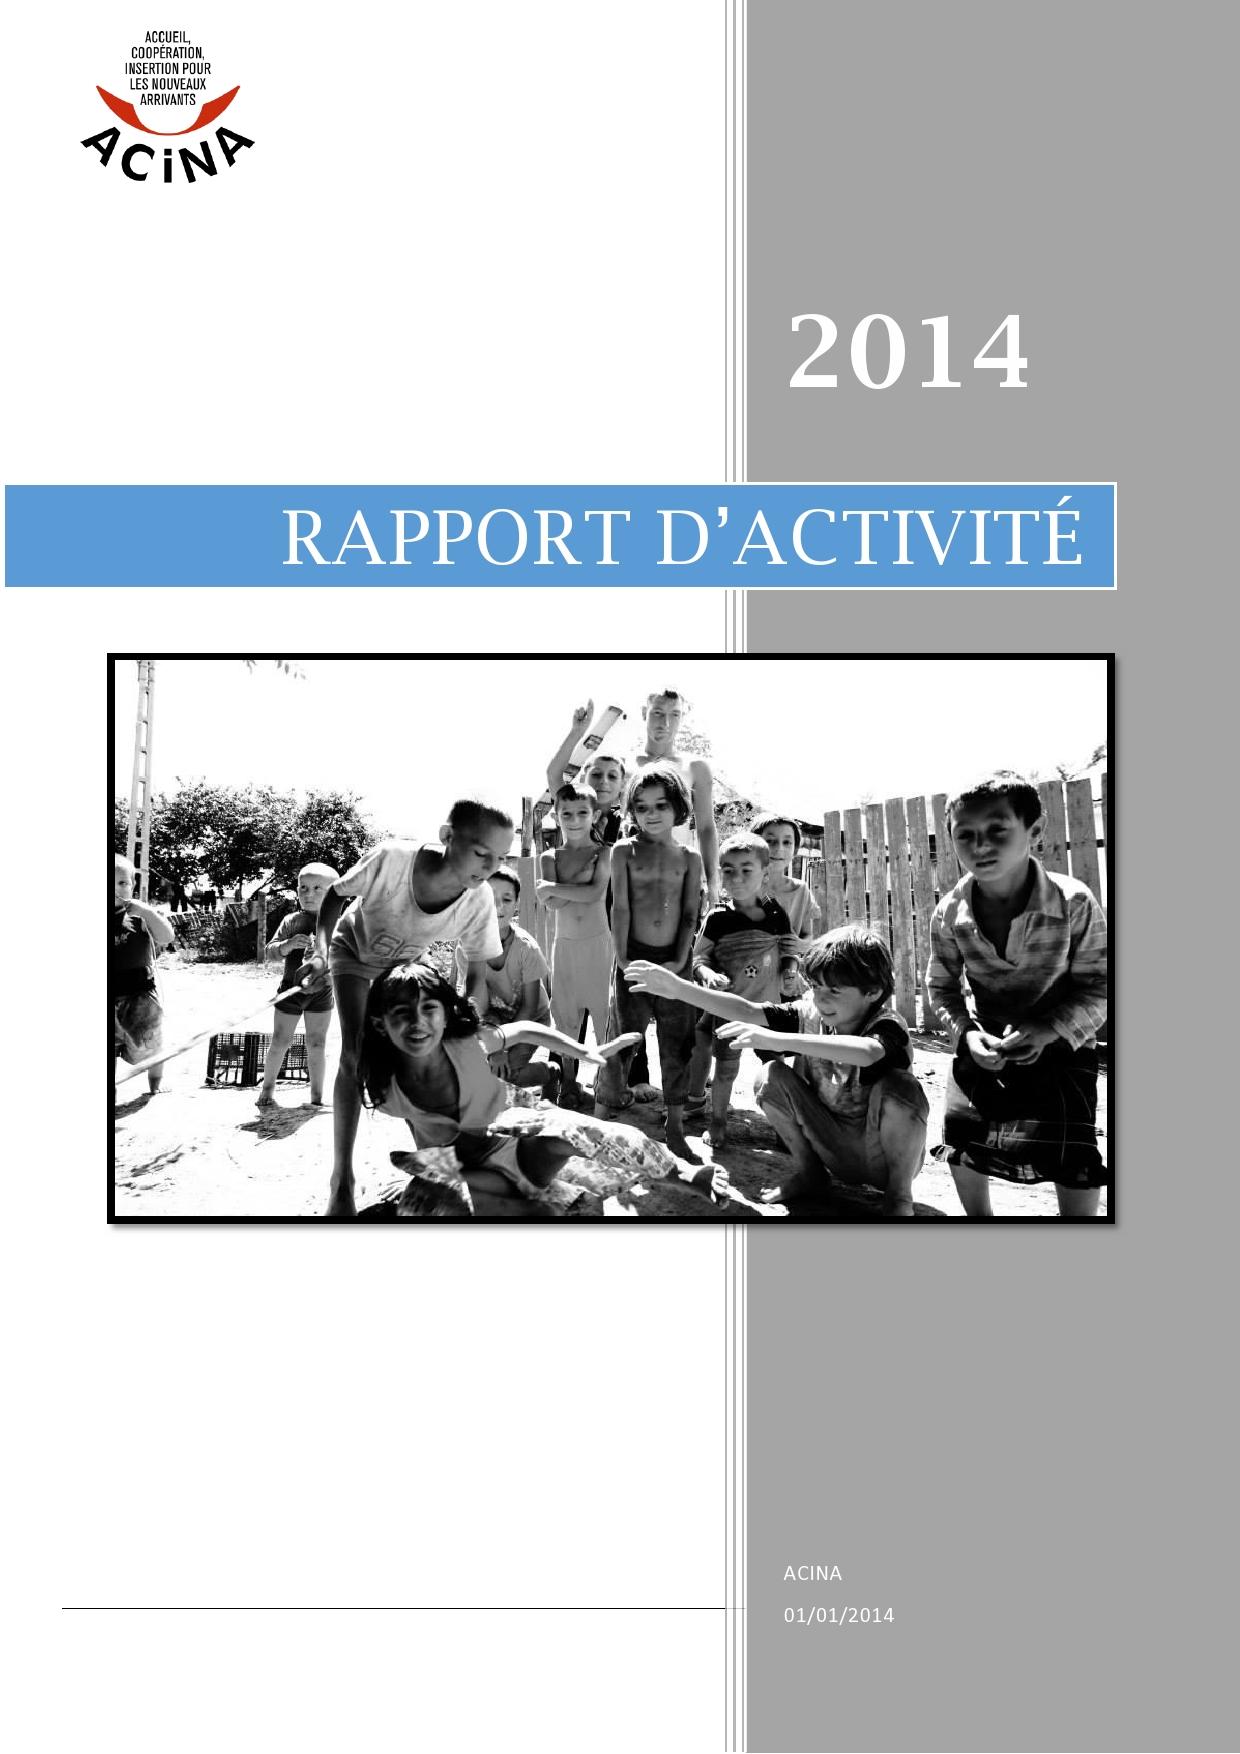 Rapport d'activité ACINA 14022015-page0001